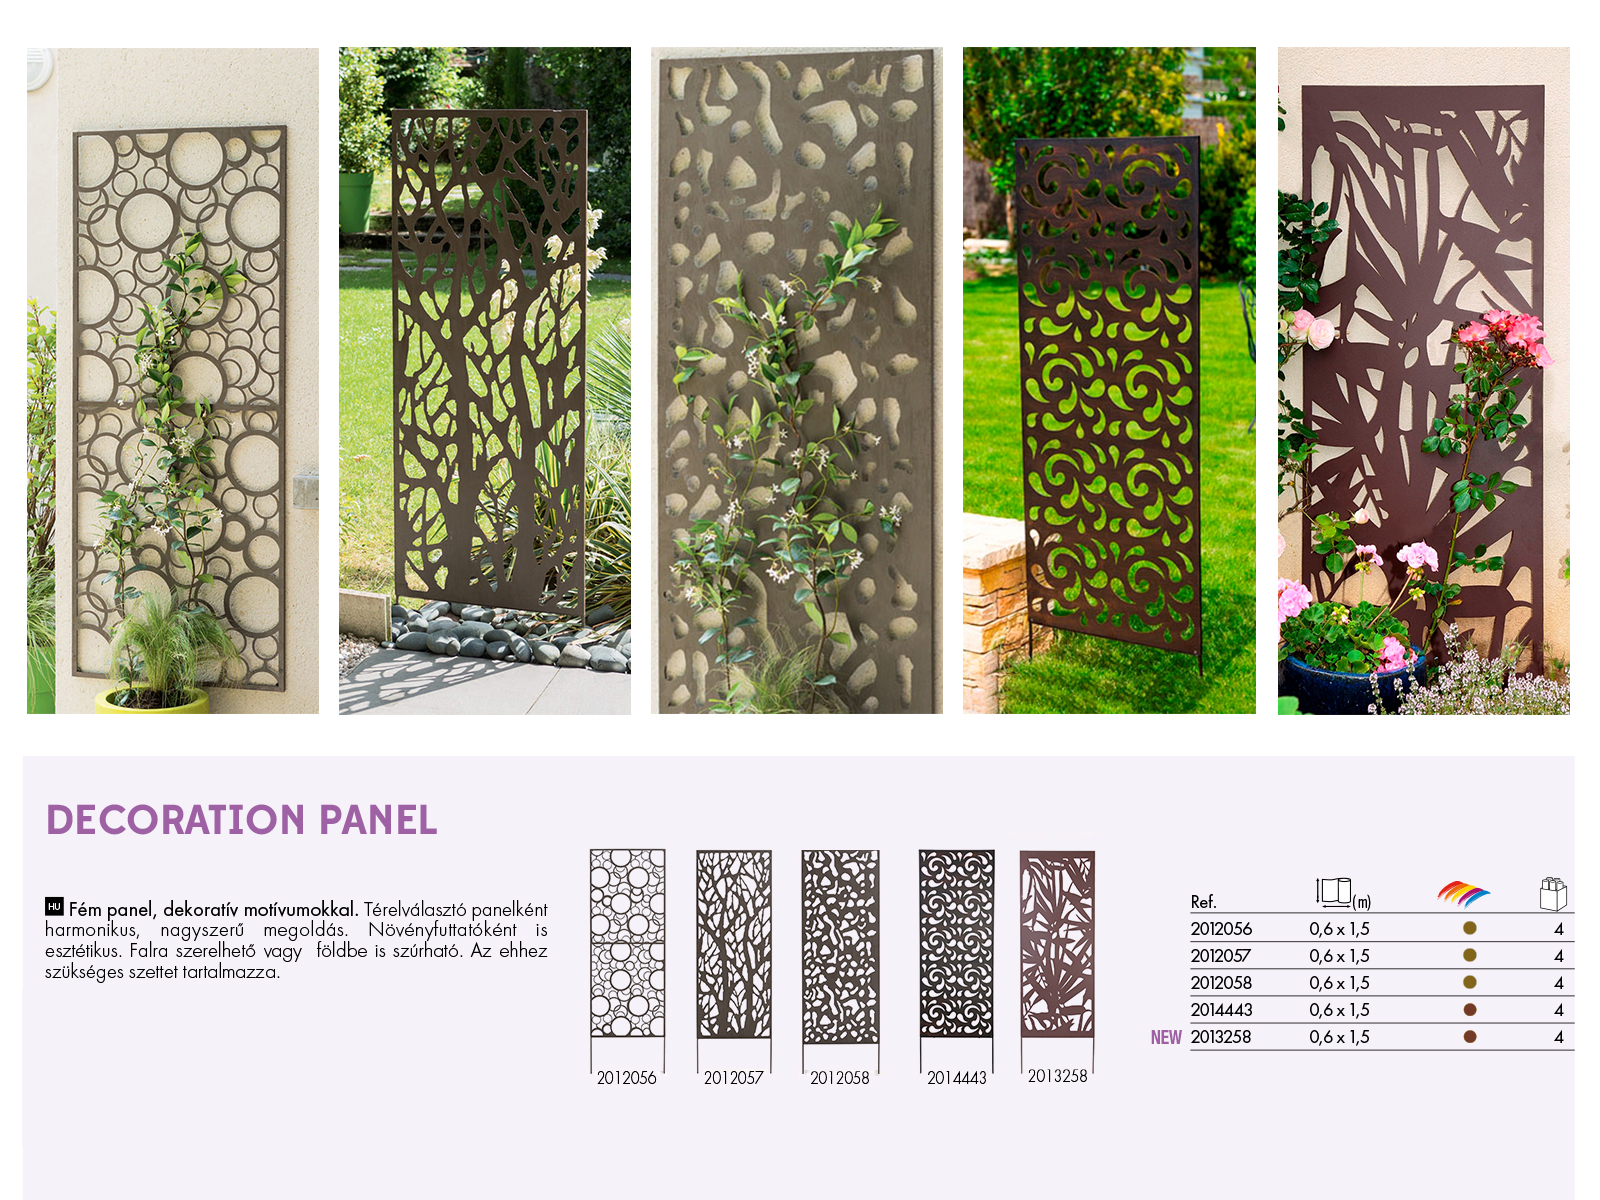 Nortene fém dekorációs panel falra vagy talajba